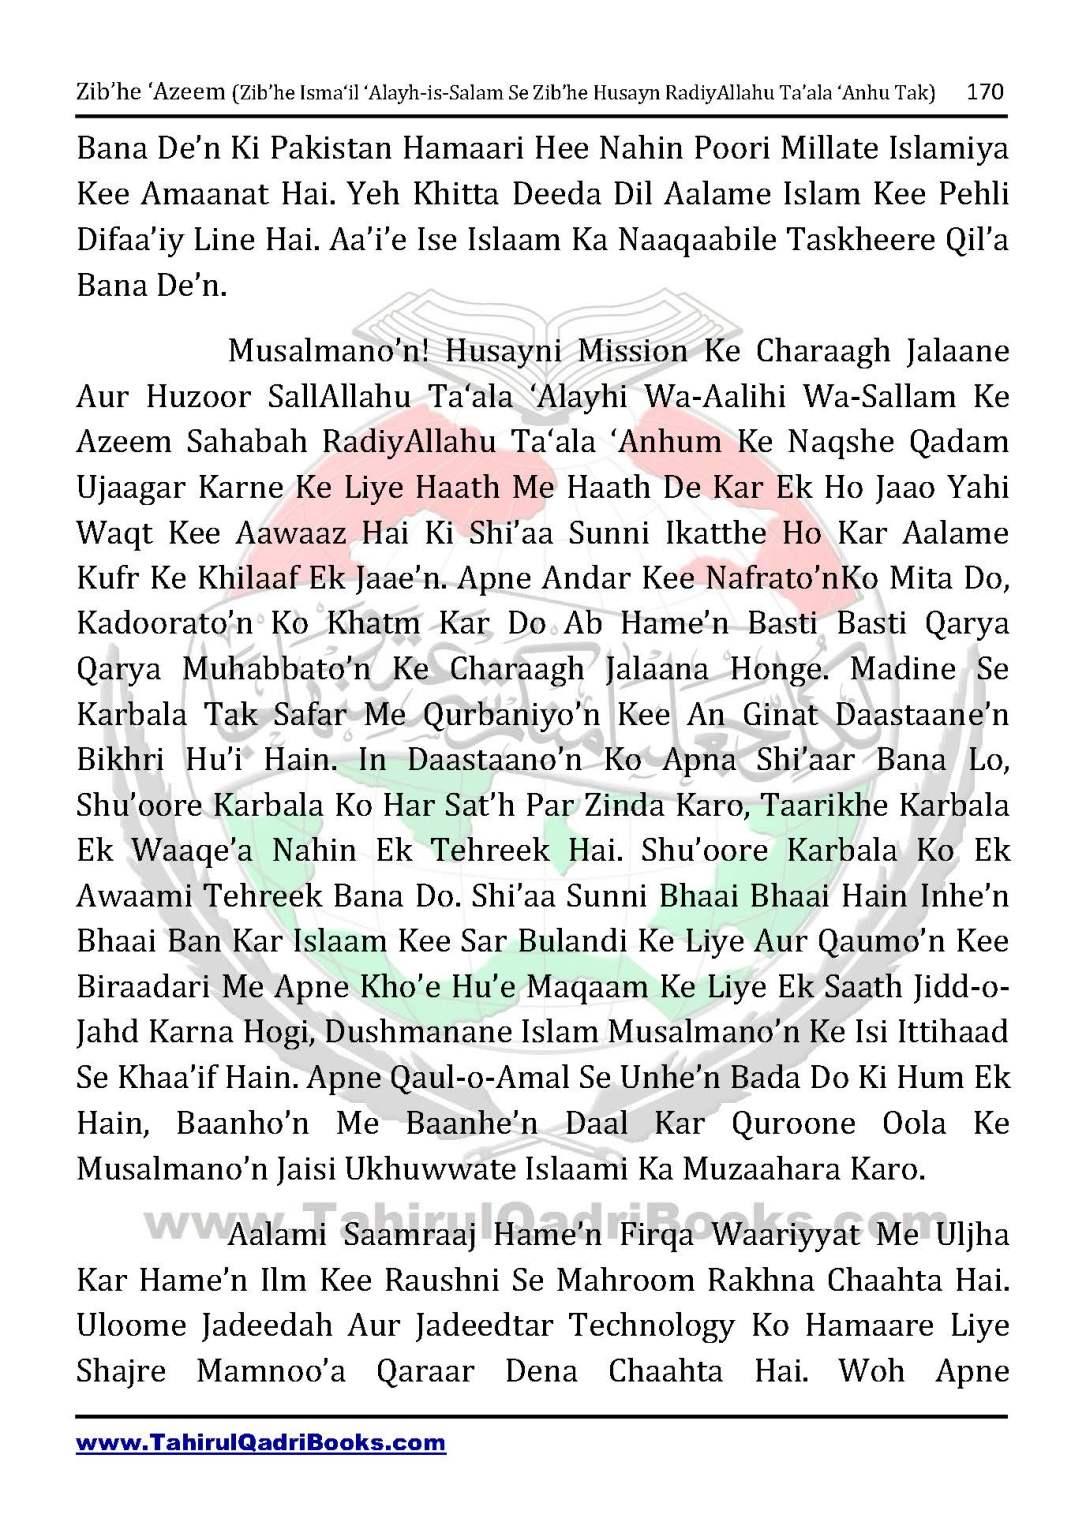 zib_he-e28098azeem-zib_he-ismacabbil-se-zib_he-husayn-tak-in-roman-urdu-unlocked_Page_170